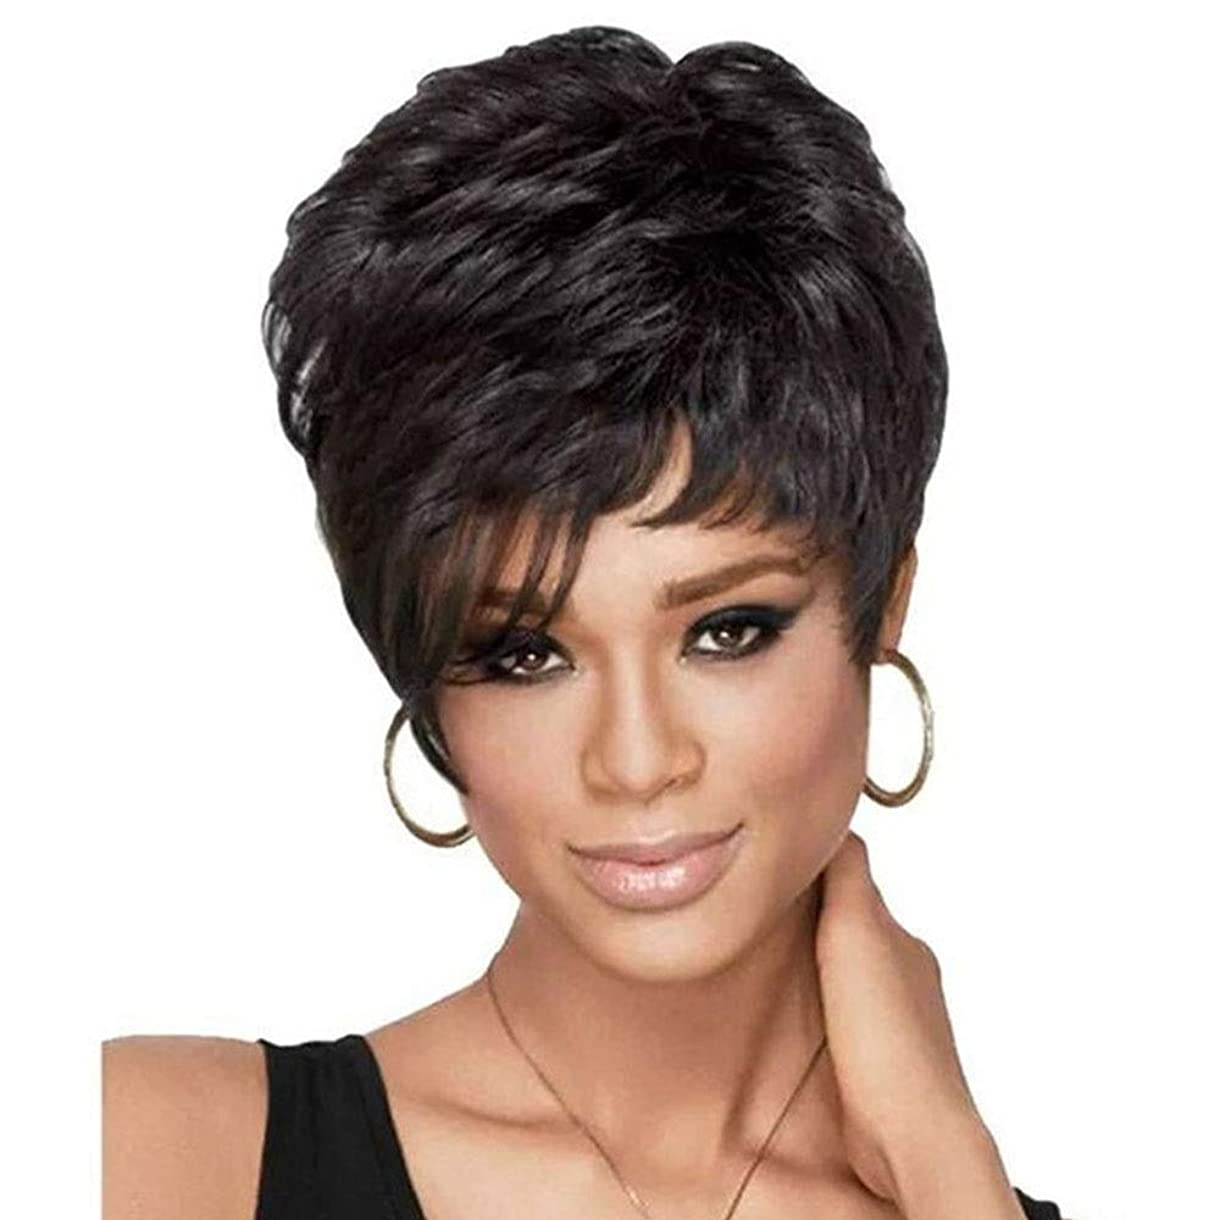 然とした階層現金Yrattary レディースショートヘアファッションアフリカンブラックウィッグレディースデイリーヘアウィッグコンポジットヘアレースウィッグロールプレイングウィッグ (色 : 黒)